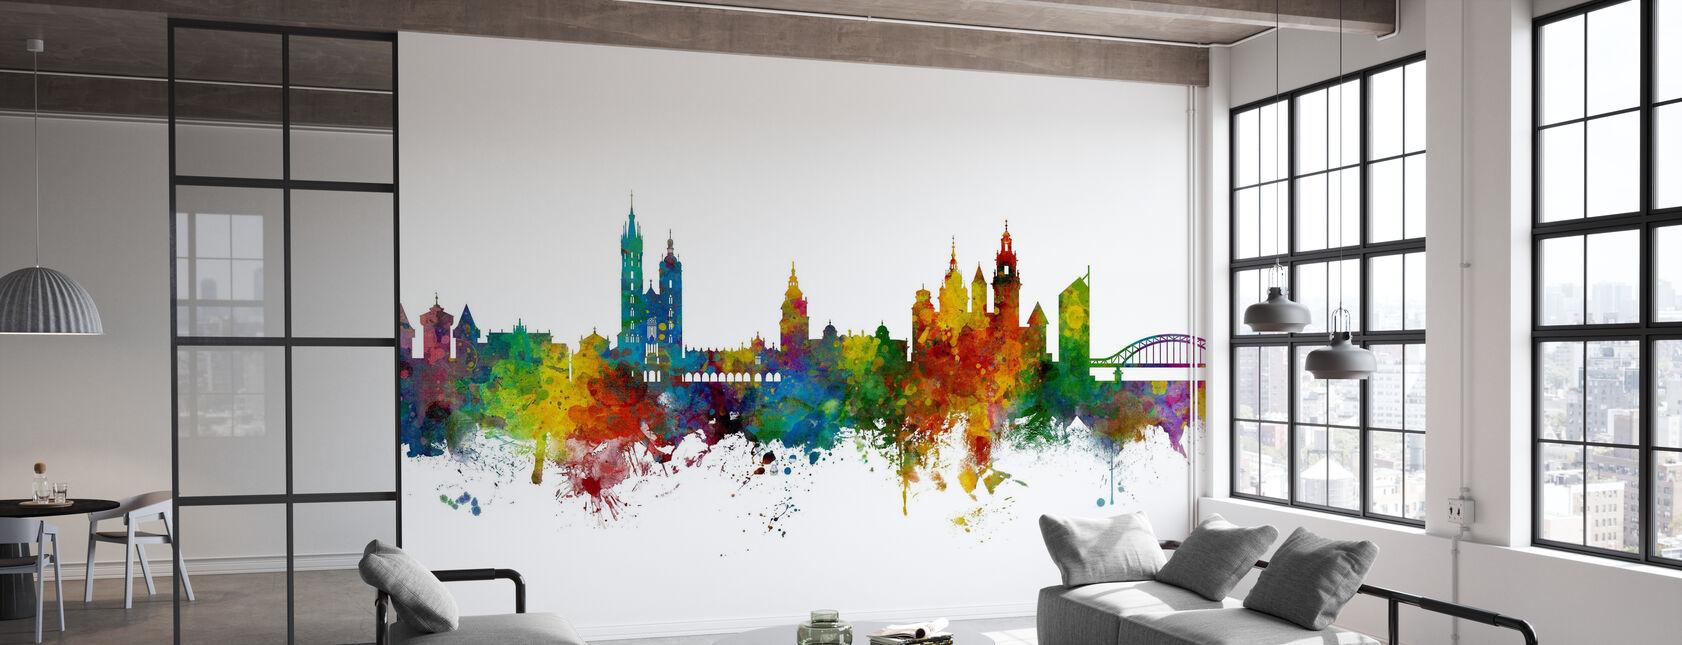 Krakow Poland Skyline - Wallpaper - Office